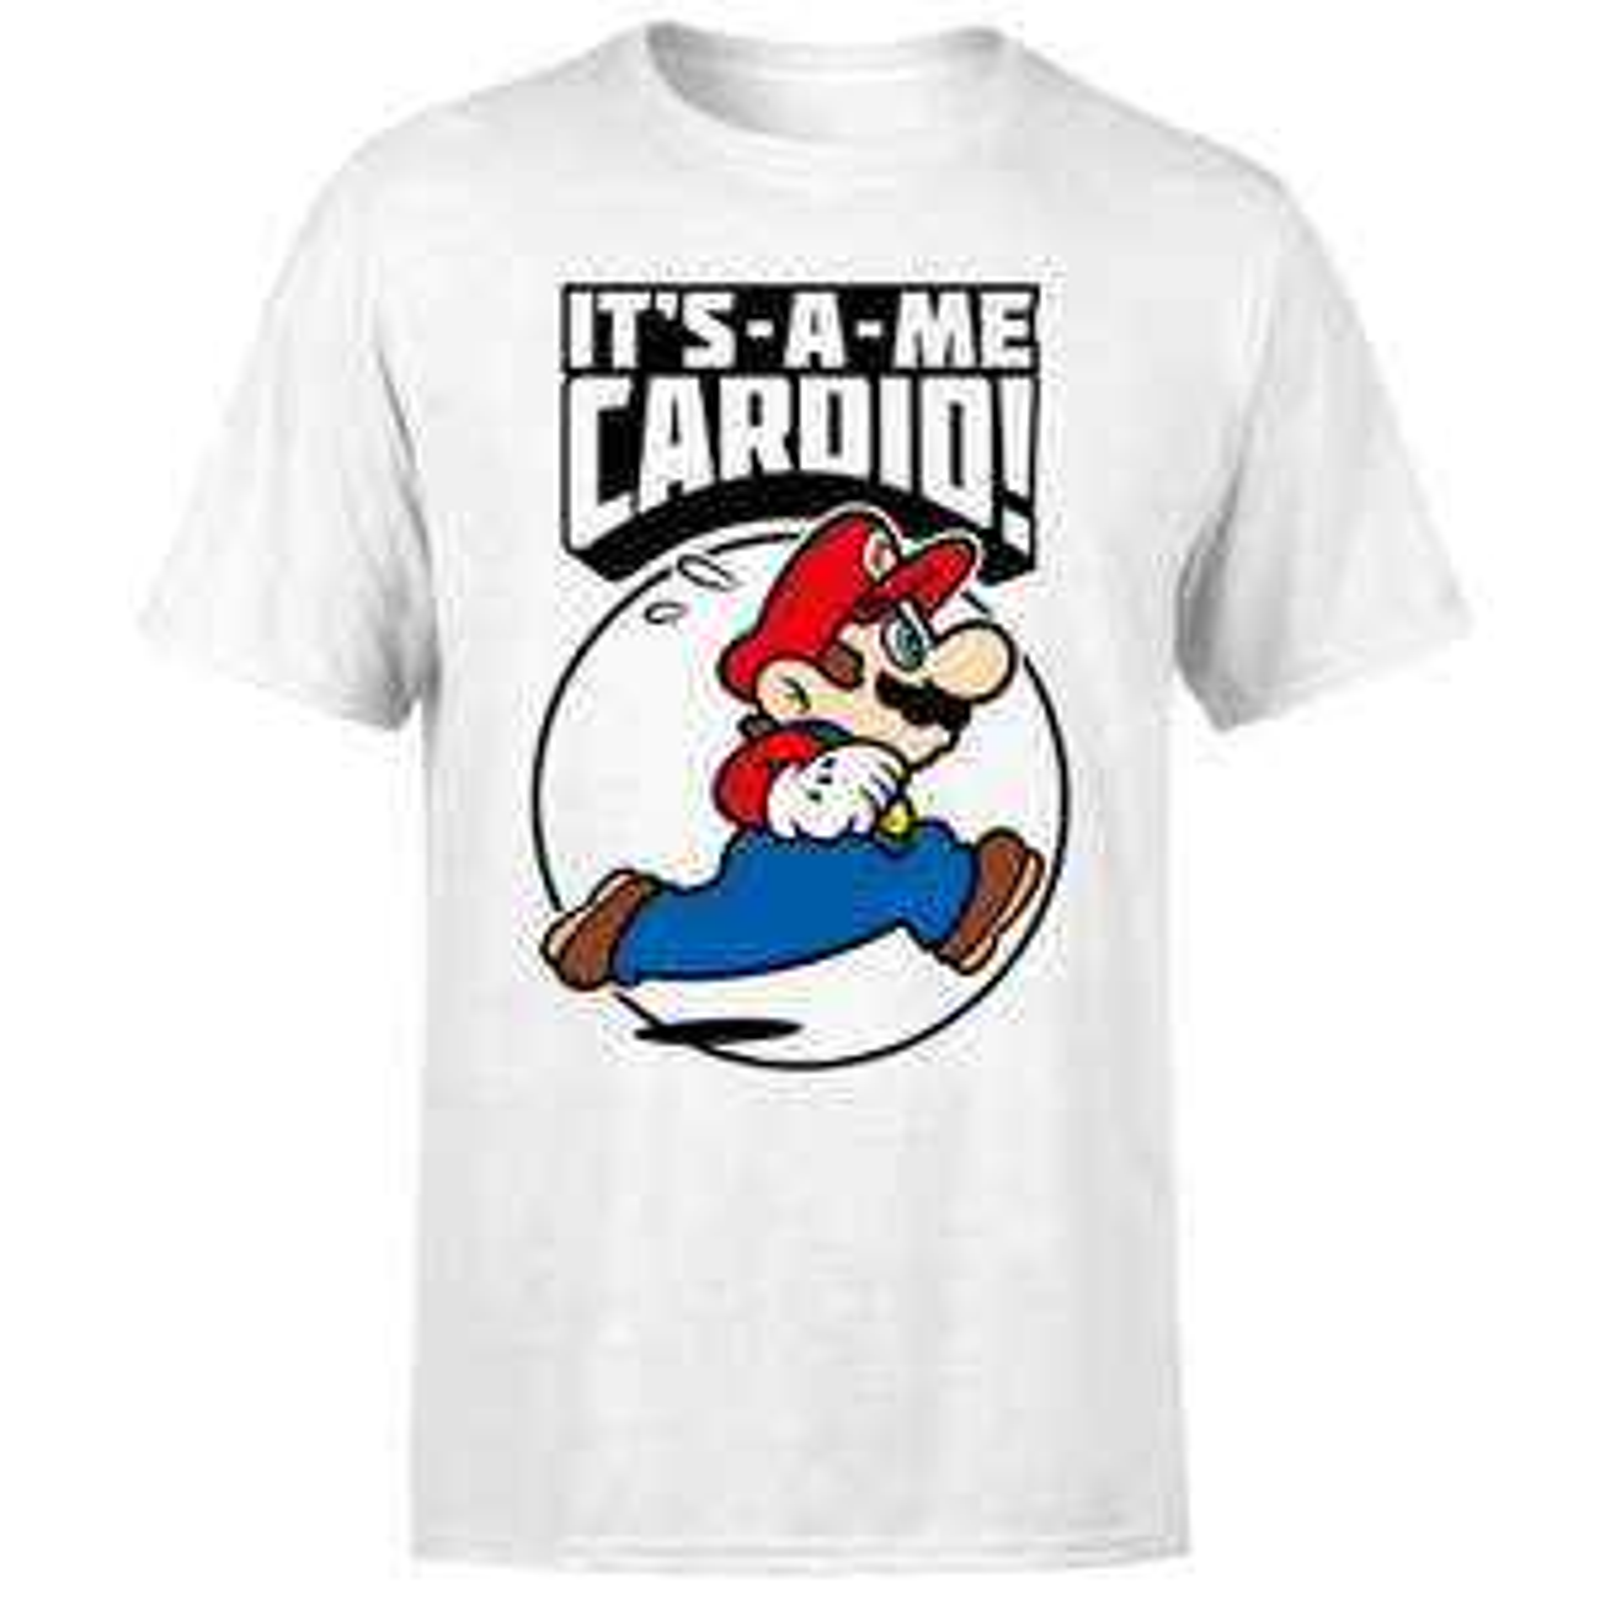 Nintendo T-Shirts für 10,99€ (S bis XXL, Herren/Damen/Kinder, 100% Baumwolle)